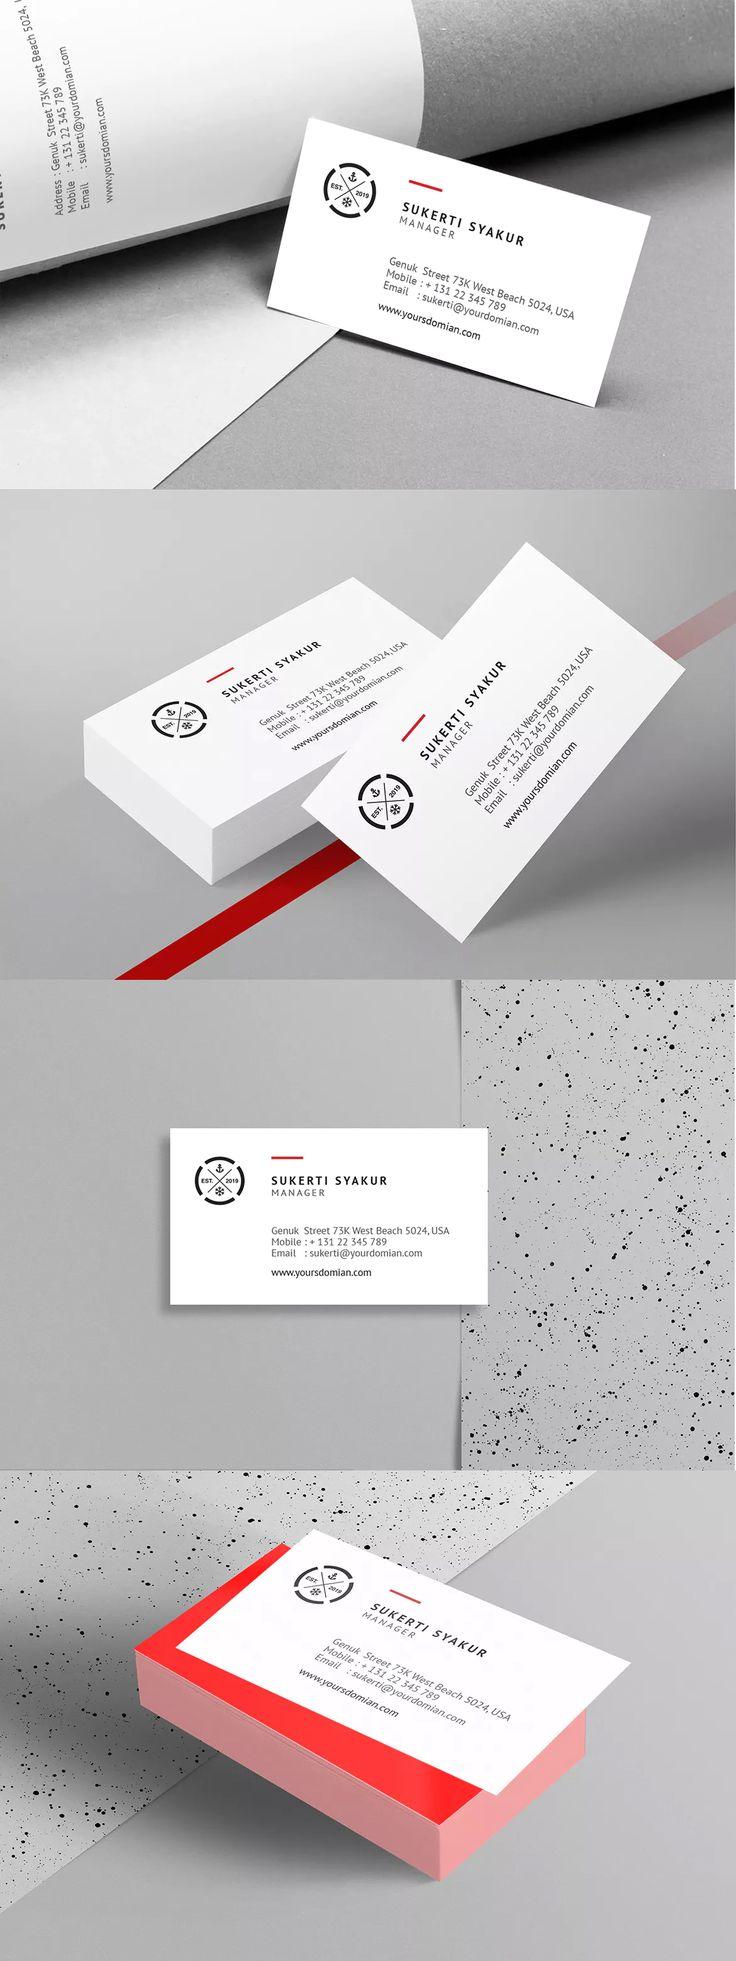 Mejores 226 imágenes de Business Card Templates en Pinterest ...